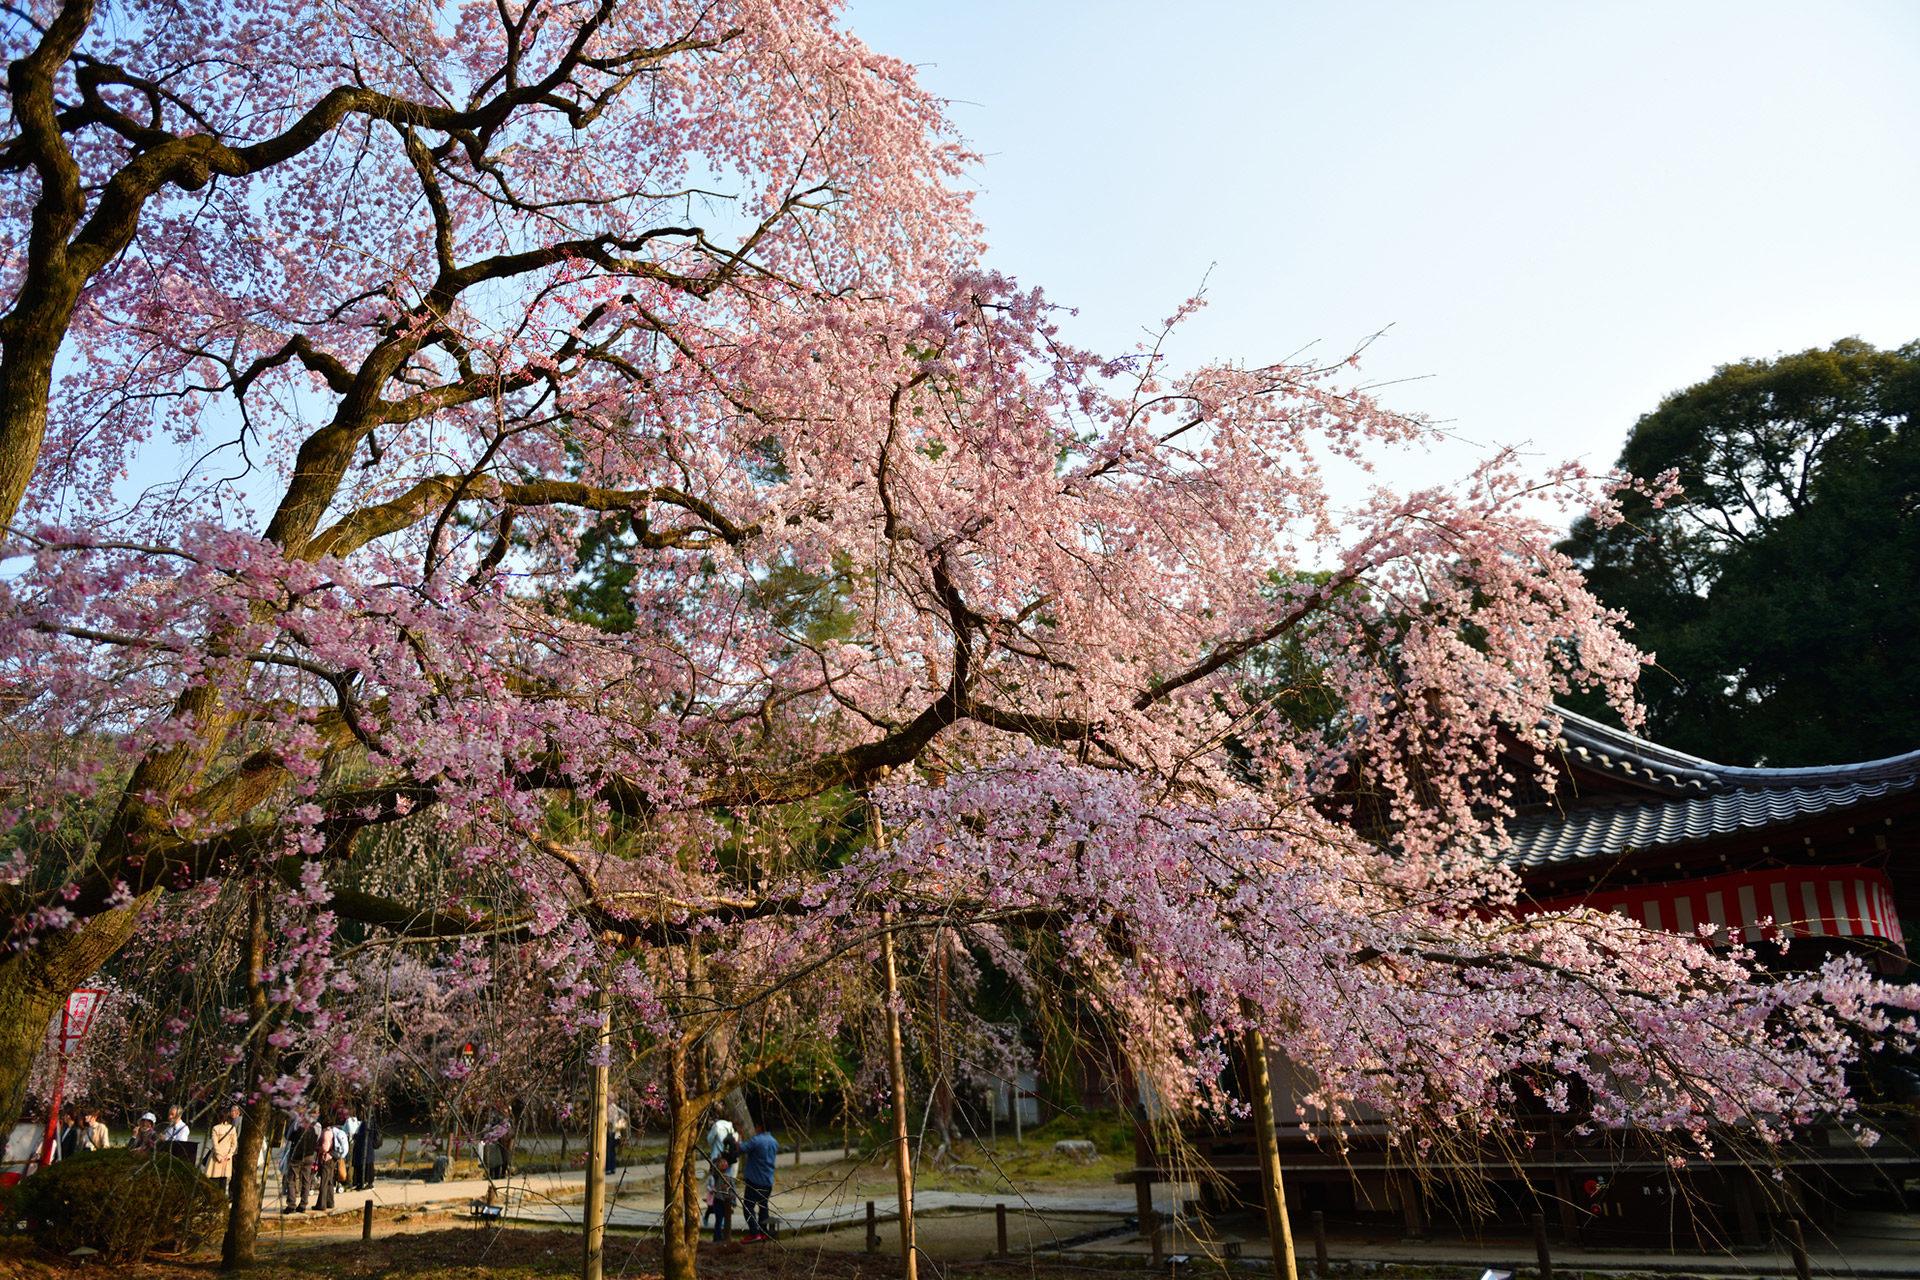 介紹推薦的京都拍照景點